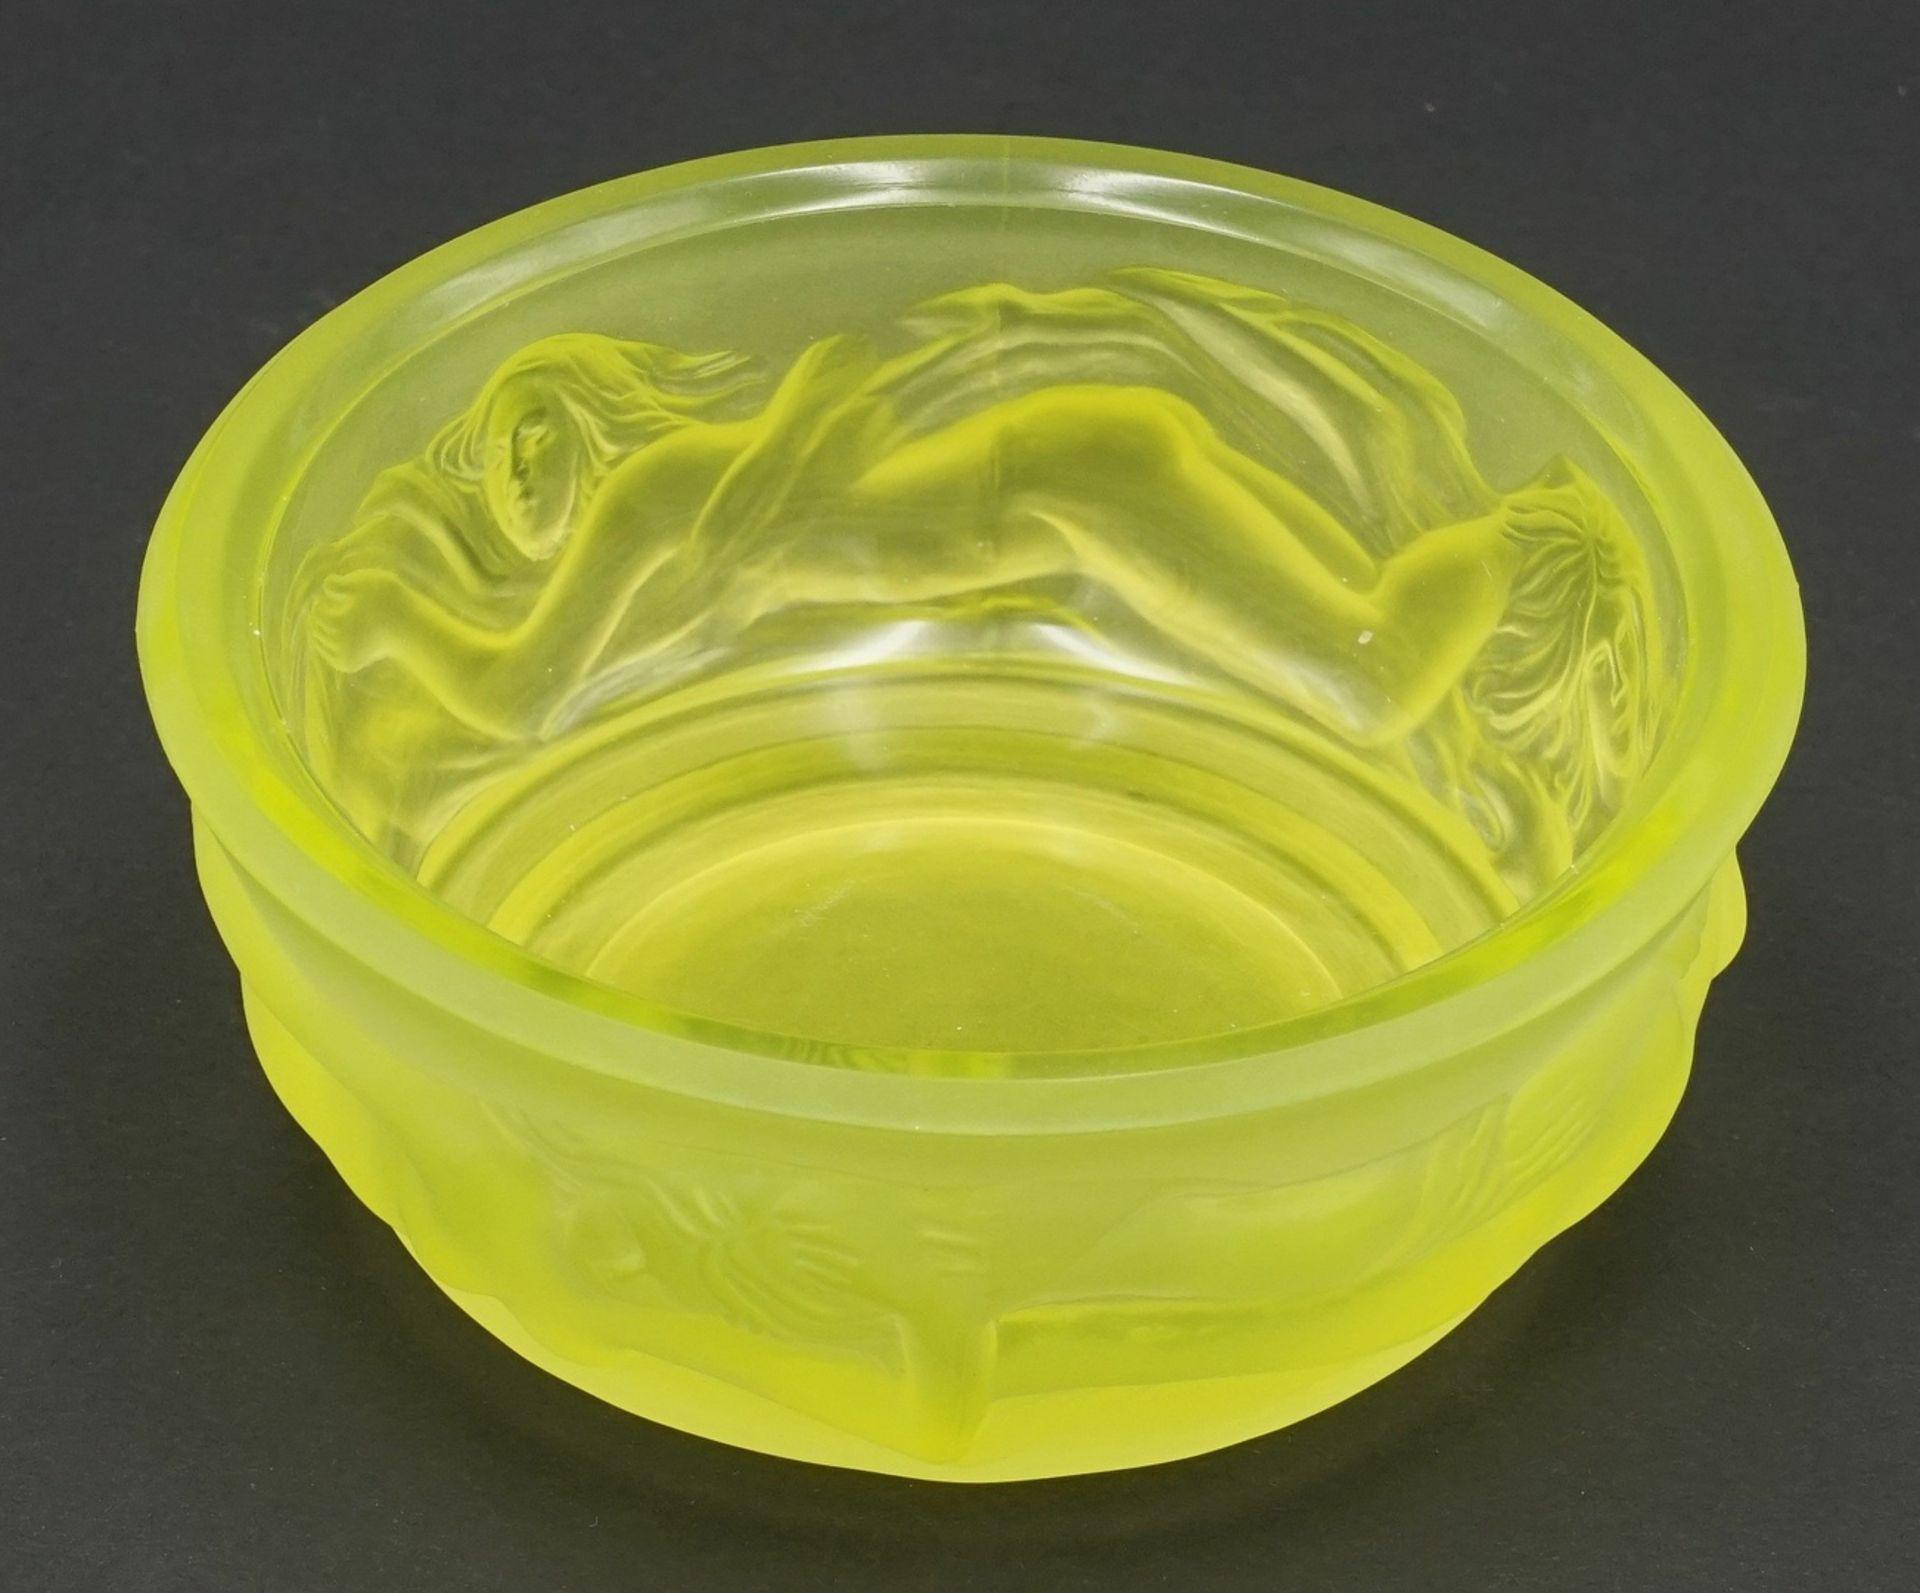 Erotische Glasdeckeldose, 20. Jh. - Bild 3 aus 4